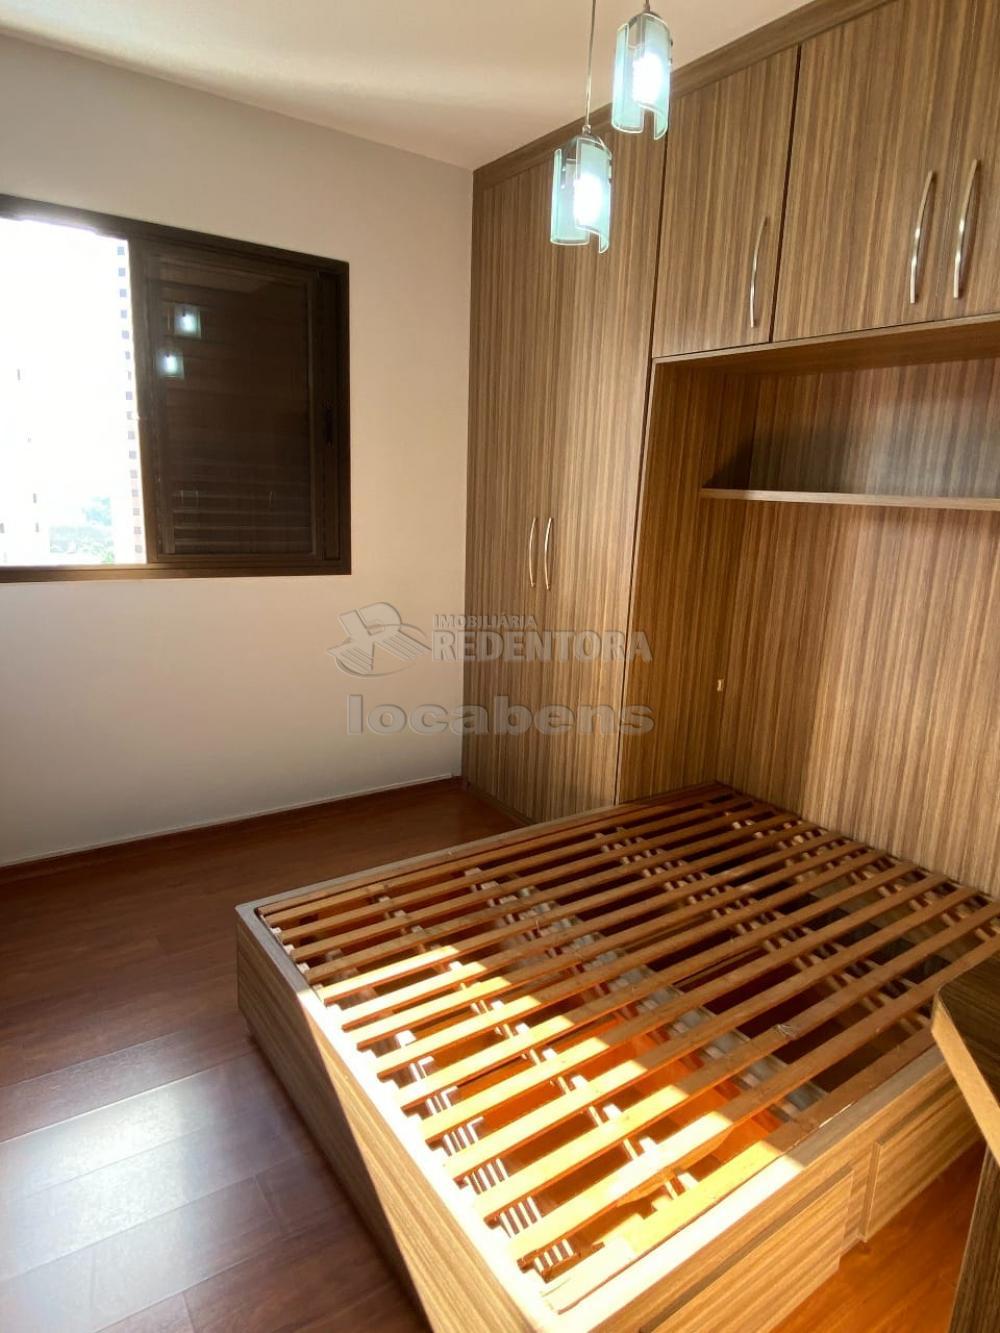 Comprar Apartamento / Padrão em São Paulo R$ 495.000,00 - Foto 16